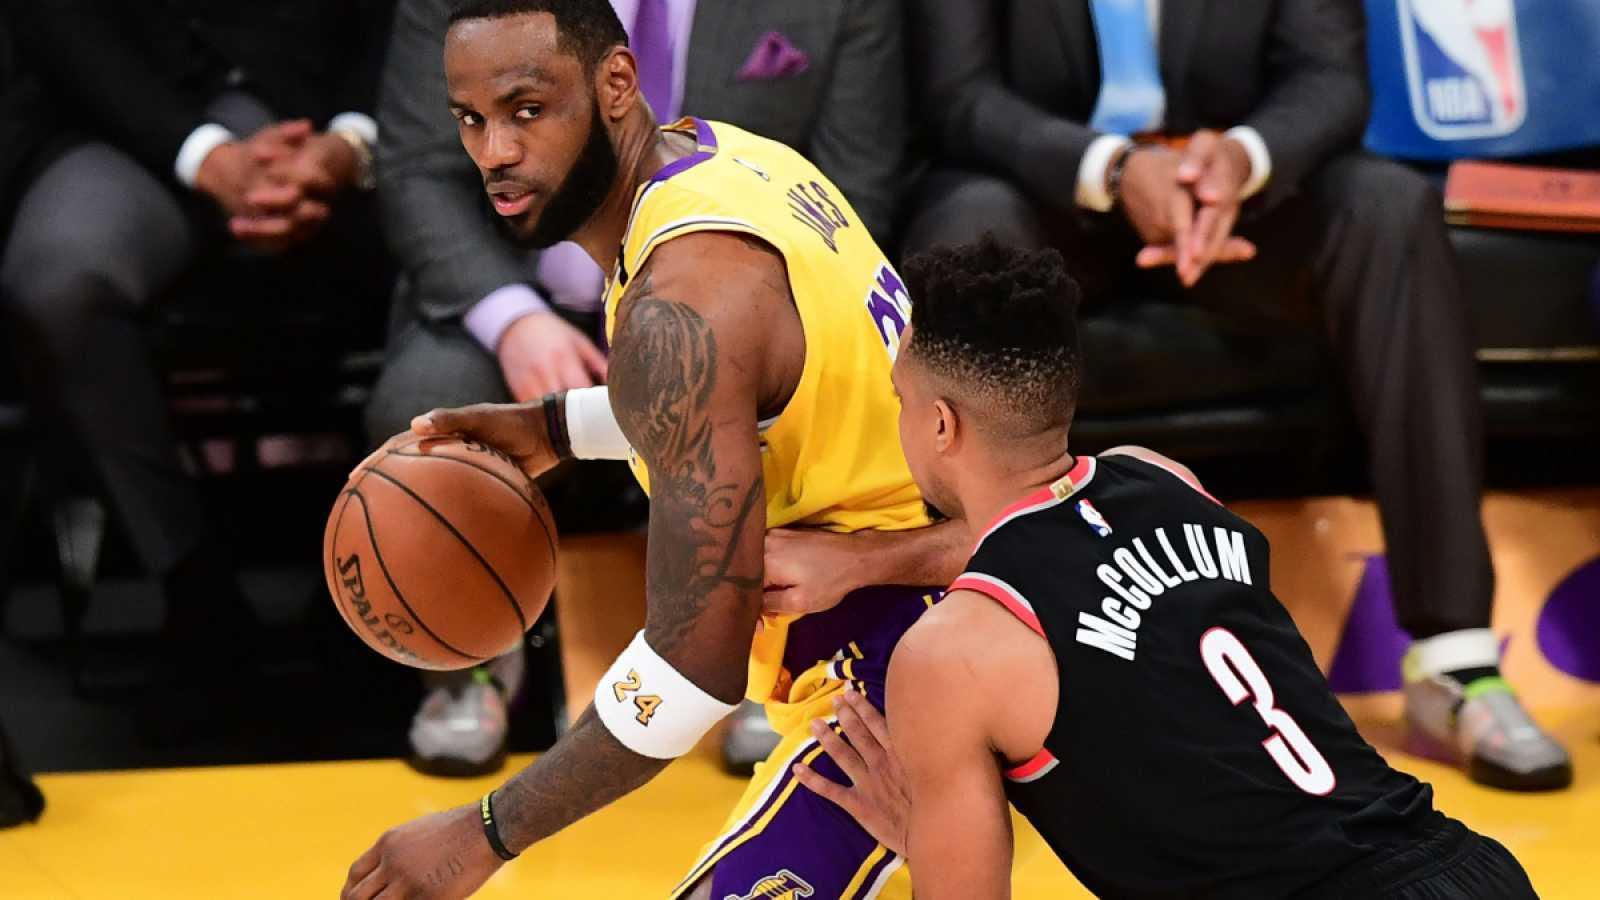 División de opiniones entre los jugadores ante el futuro próximo de la NBA